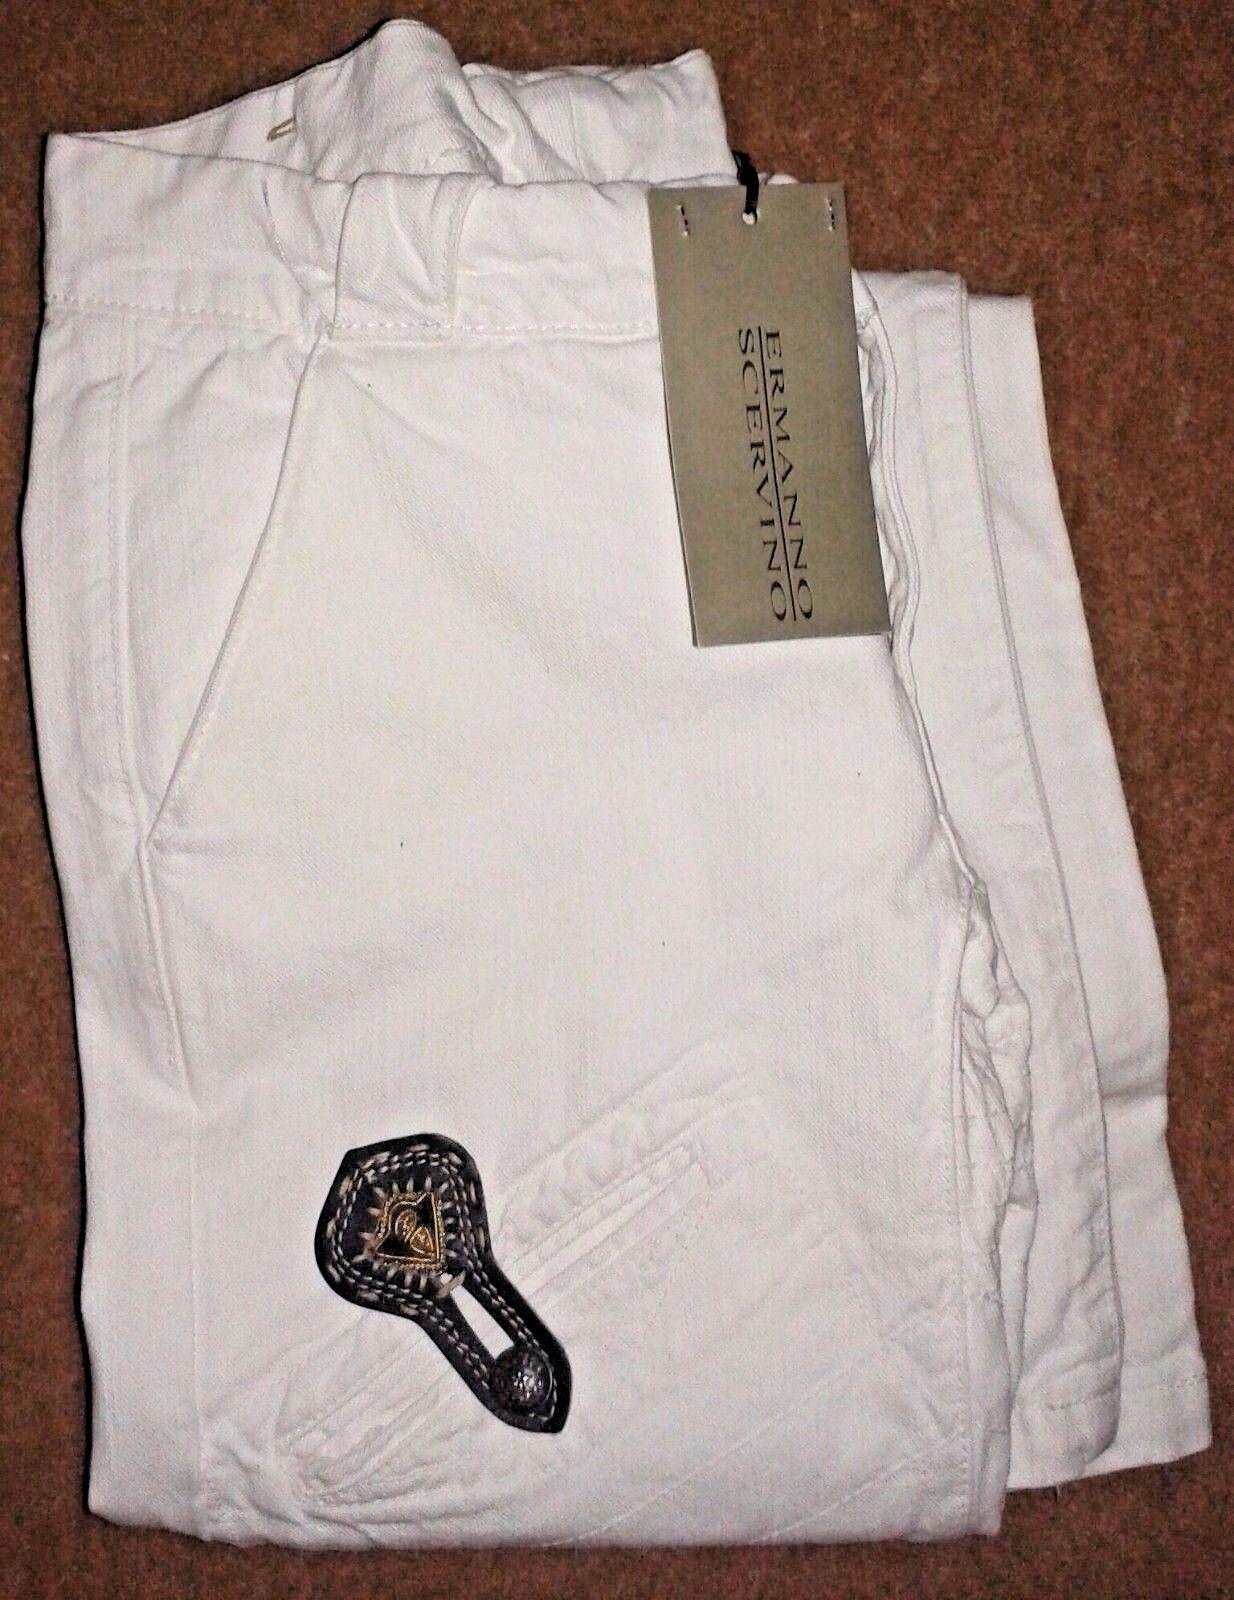 Ermanno Scervino Weiß Embelished Cotton Denim Designer Jeans - W28 L32